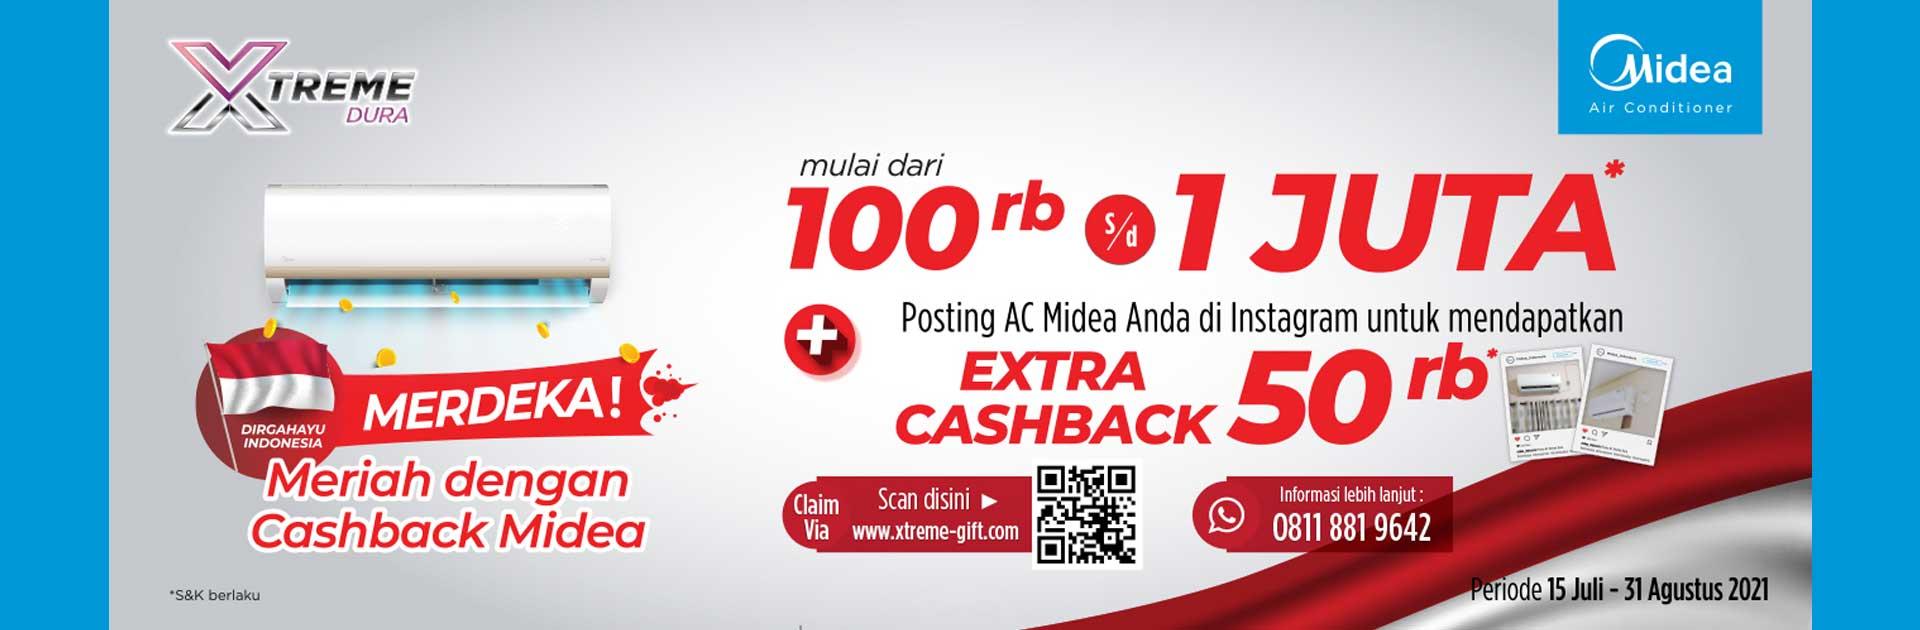 Promo Meriah Dengan Cashback Midea